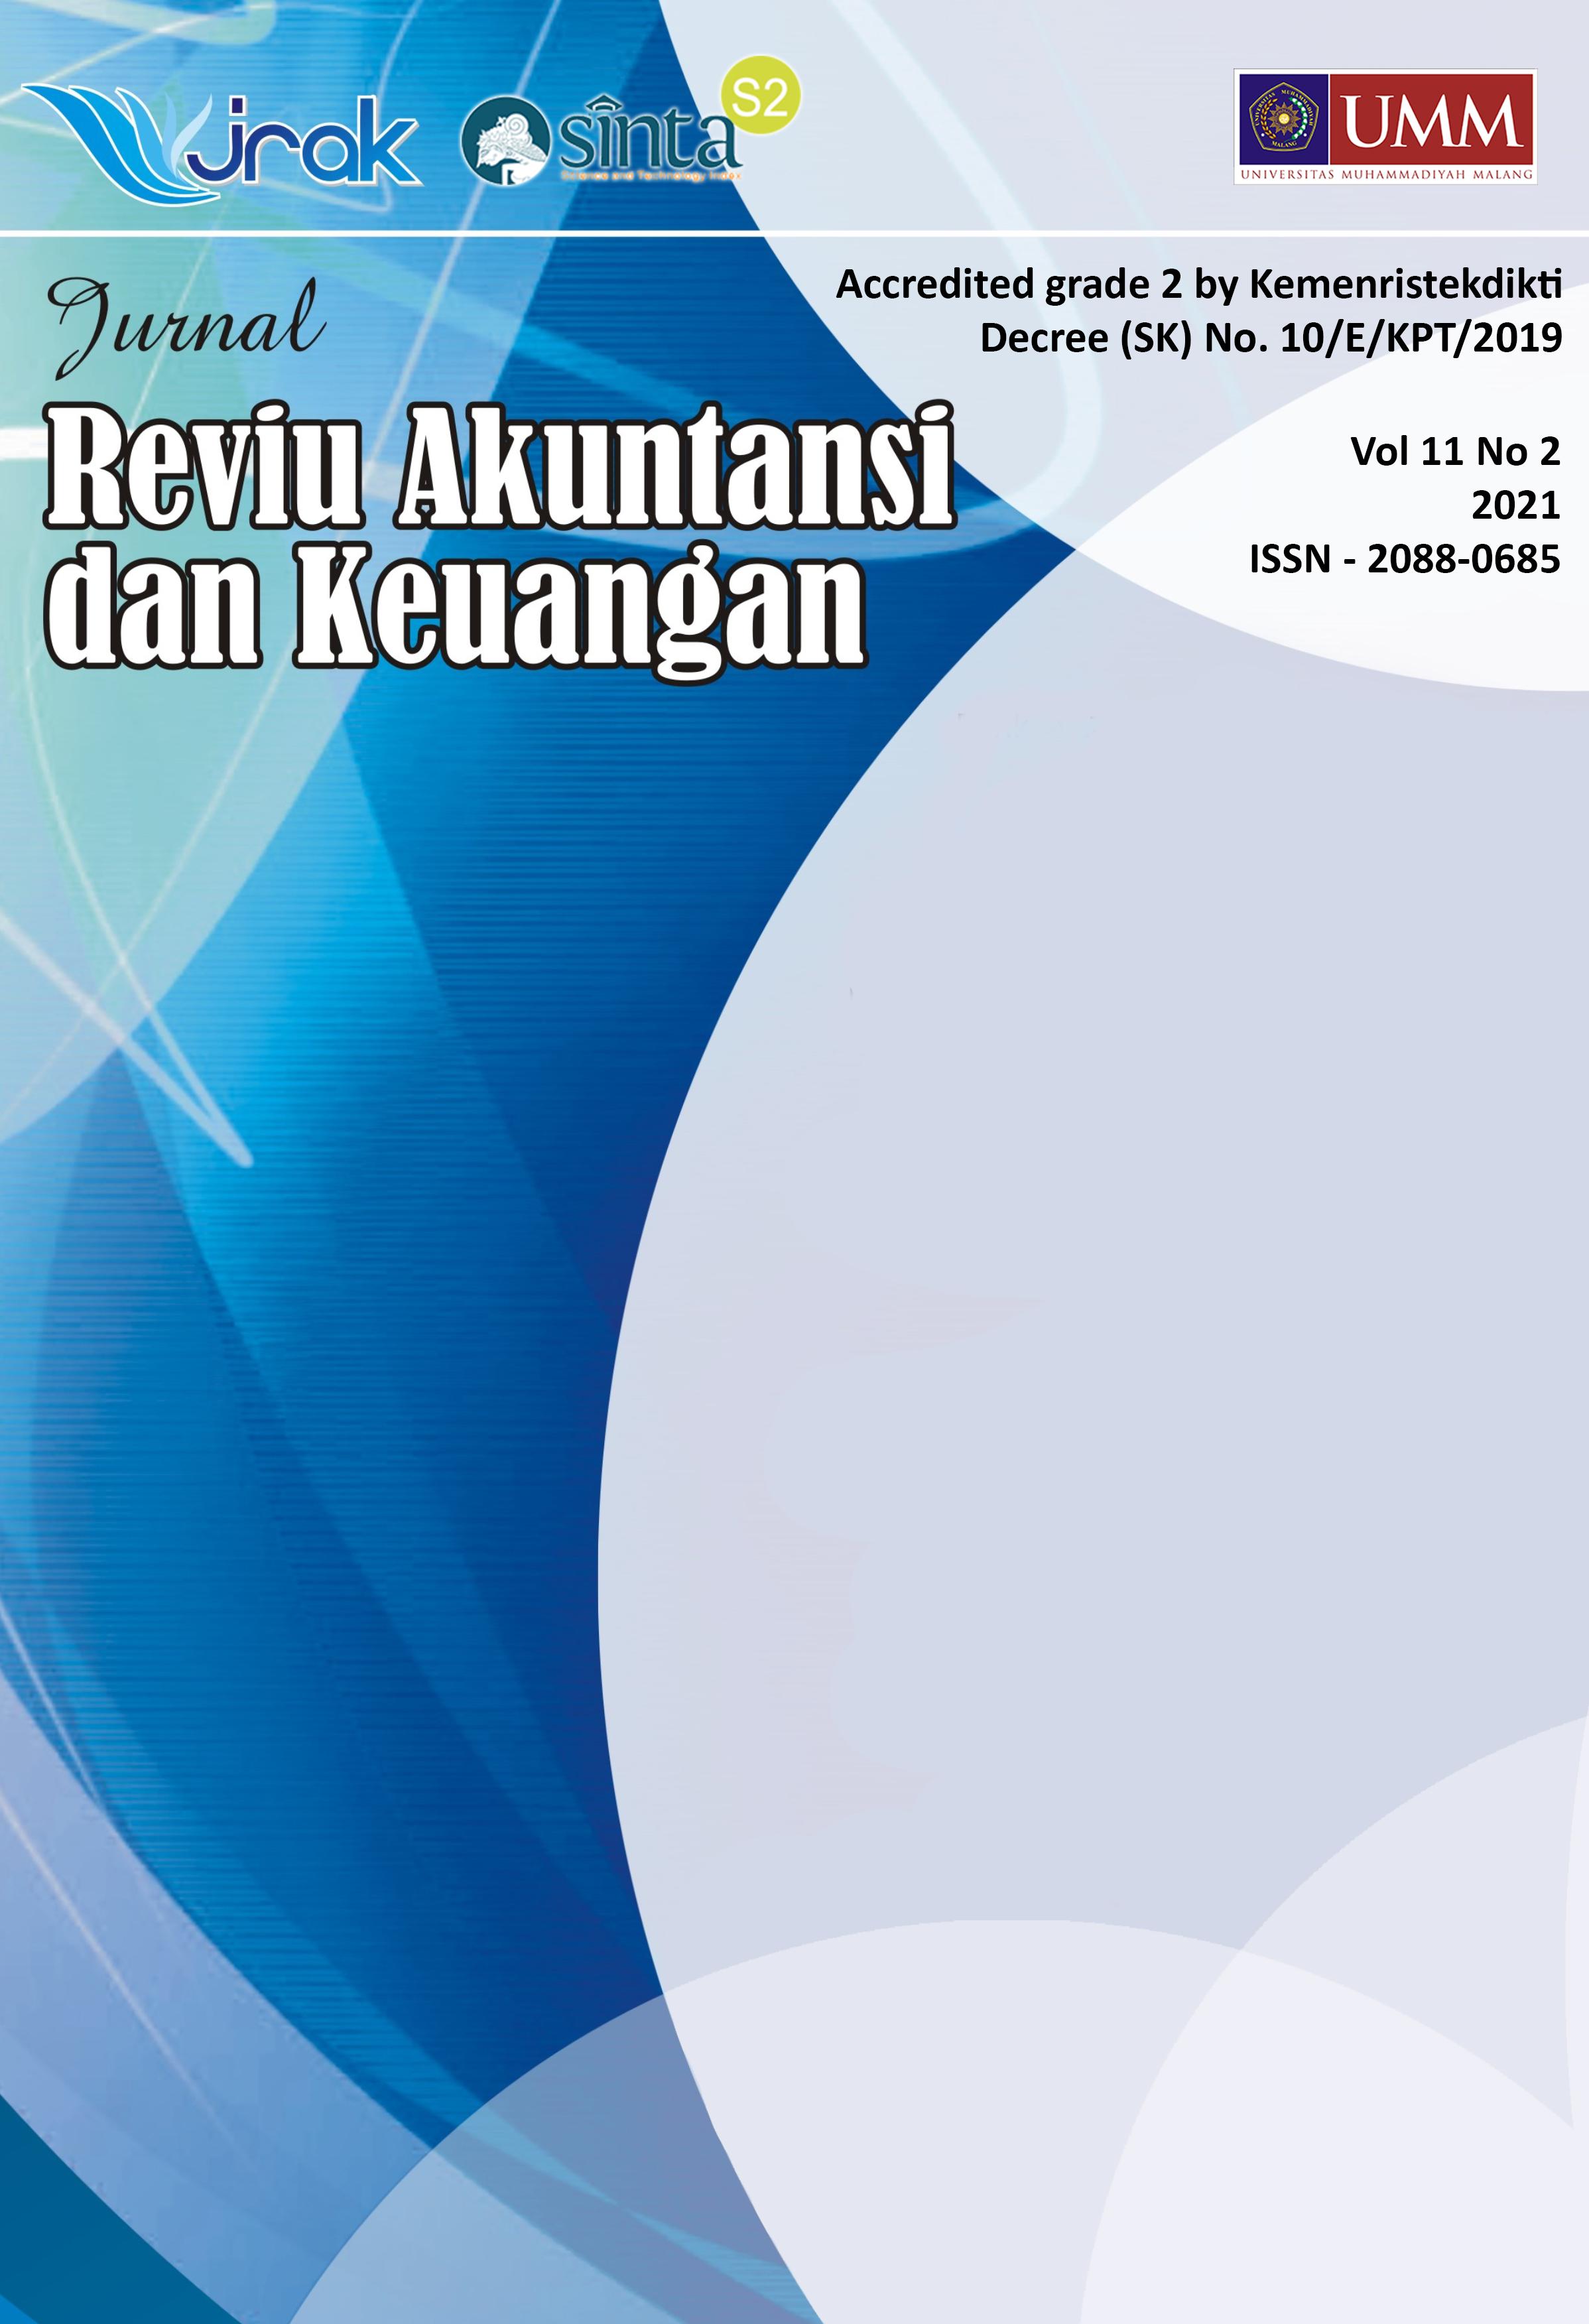 View Vol. 11 No. 2: Jurnal Reviu Akuntansi dan Keuangan